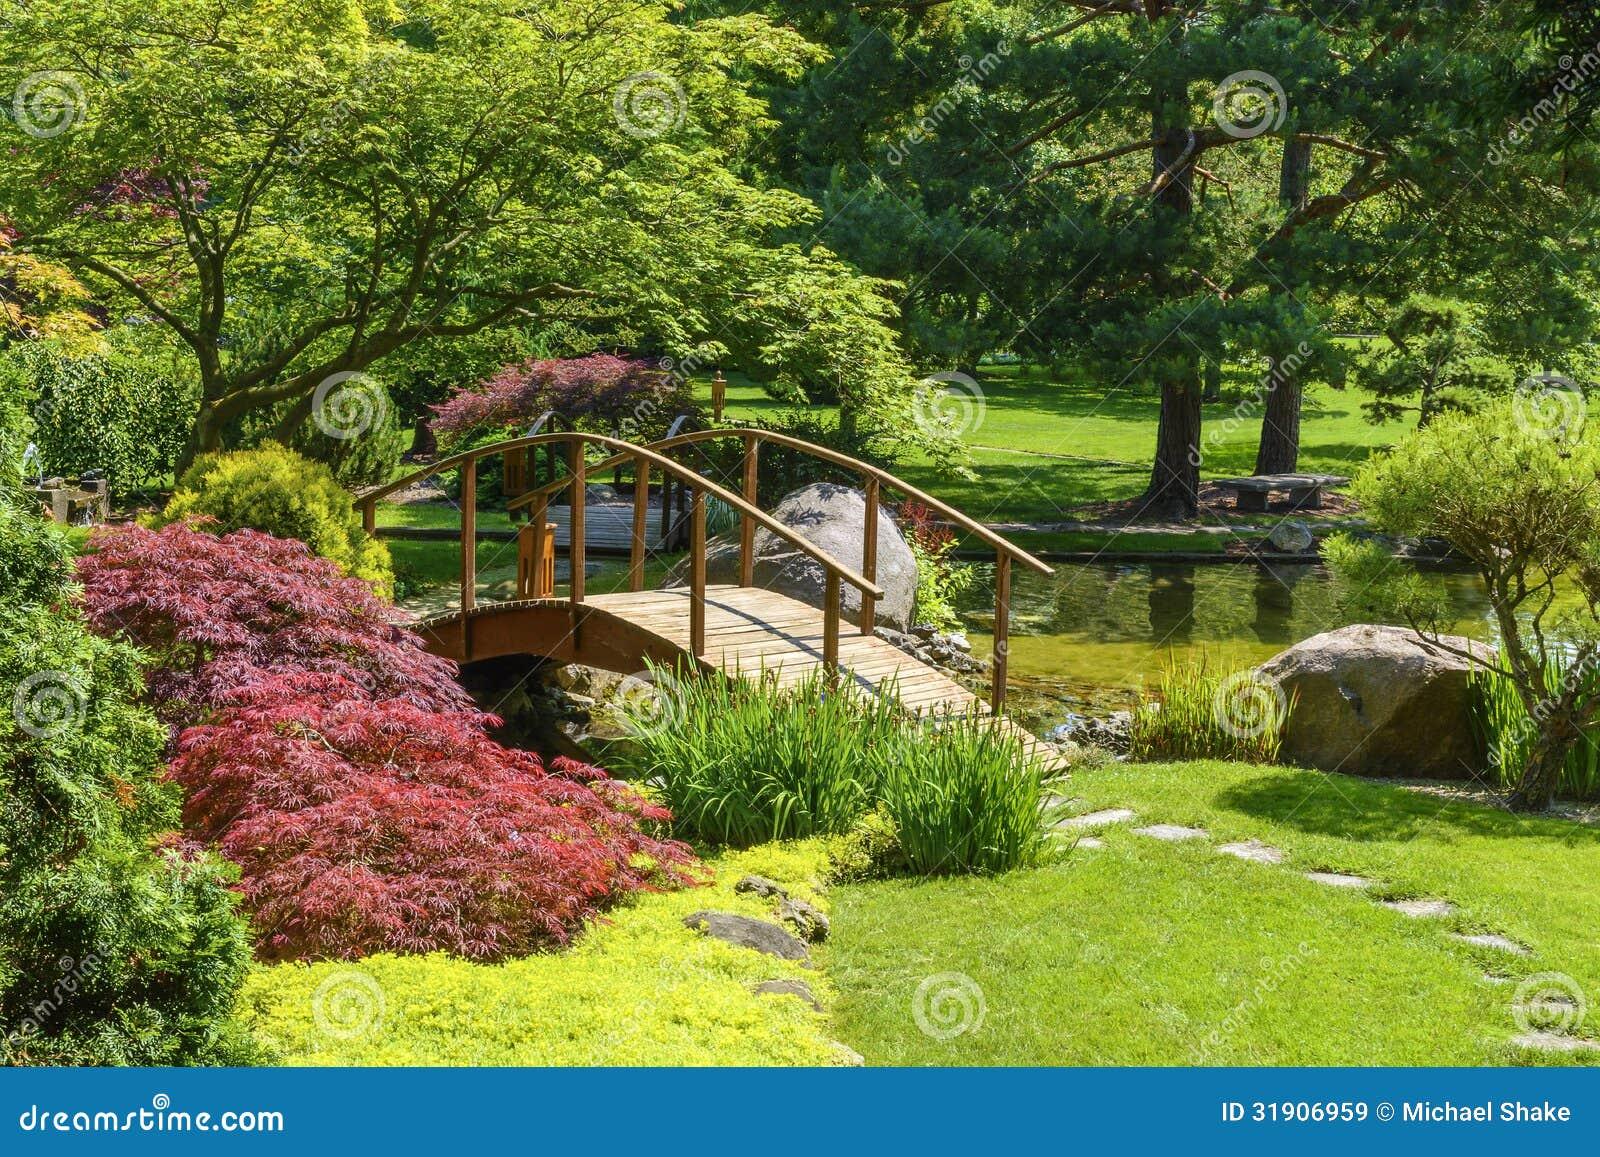 Japanese garden royalty free stock images image 31906959 - Deco jardin japonais exterieur ...